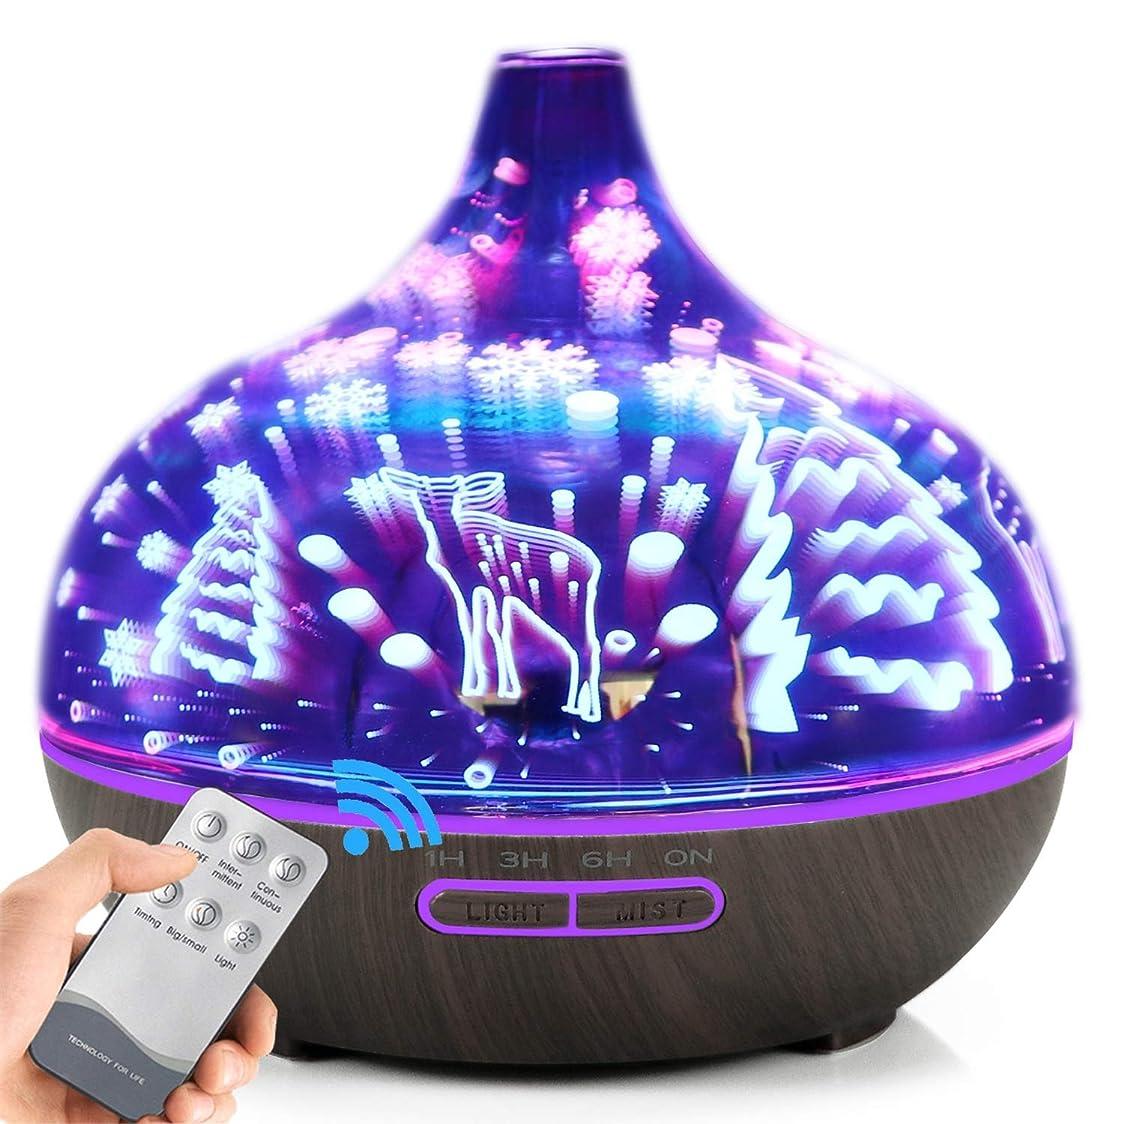 説明緊張するサスティーンAXNYLHY Essential Oil Diffuser,400ml Aroma Diffuser 3D Colorful LED Night Light Glass humidifiers for Bedroom,Darkwoodgrain 141[並行輸入]